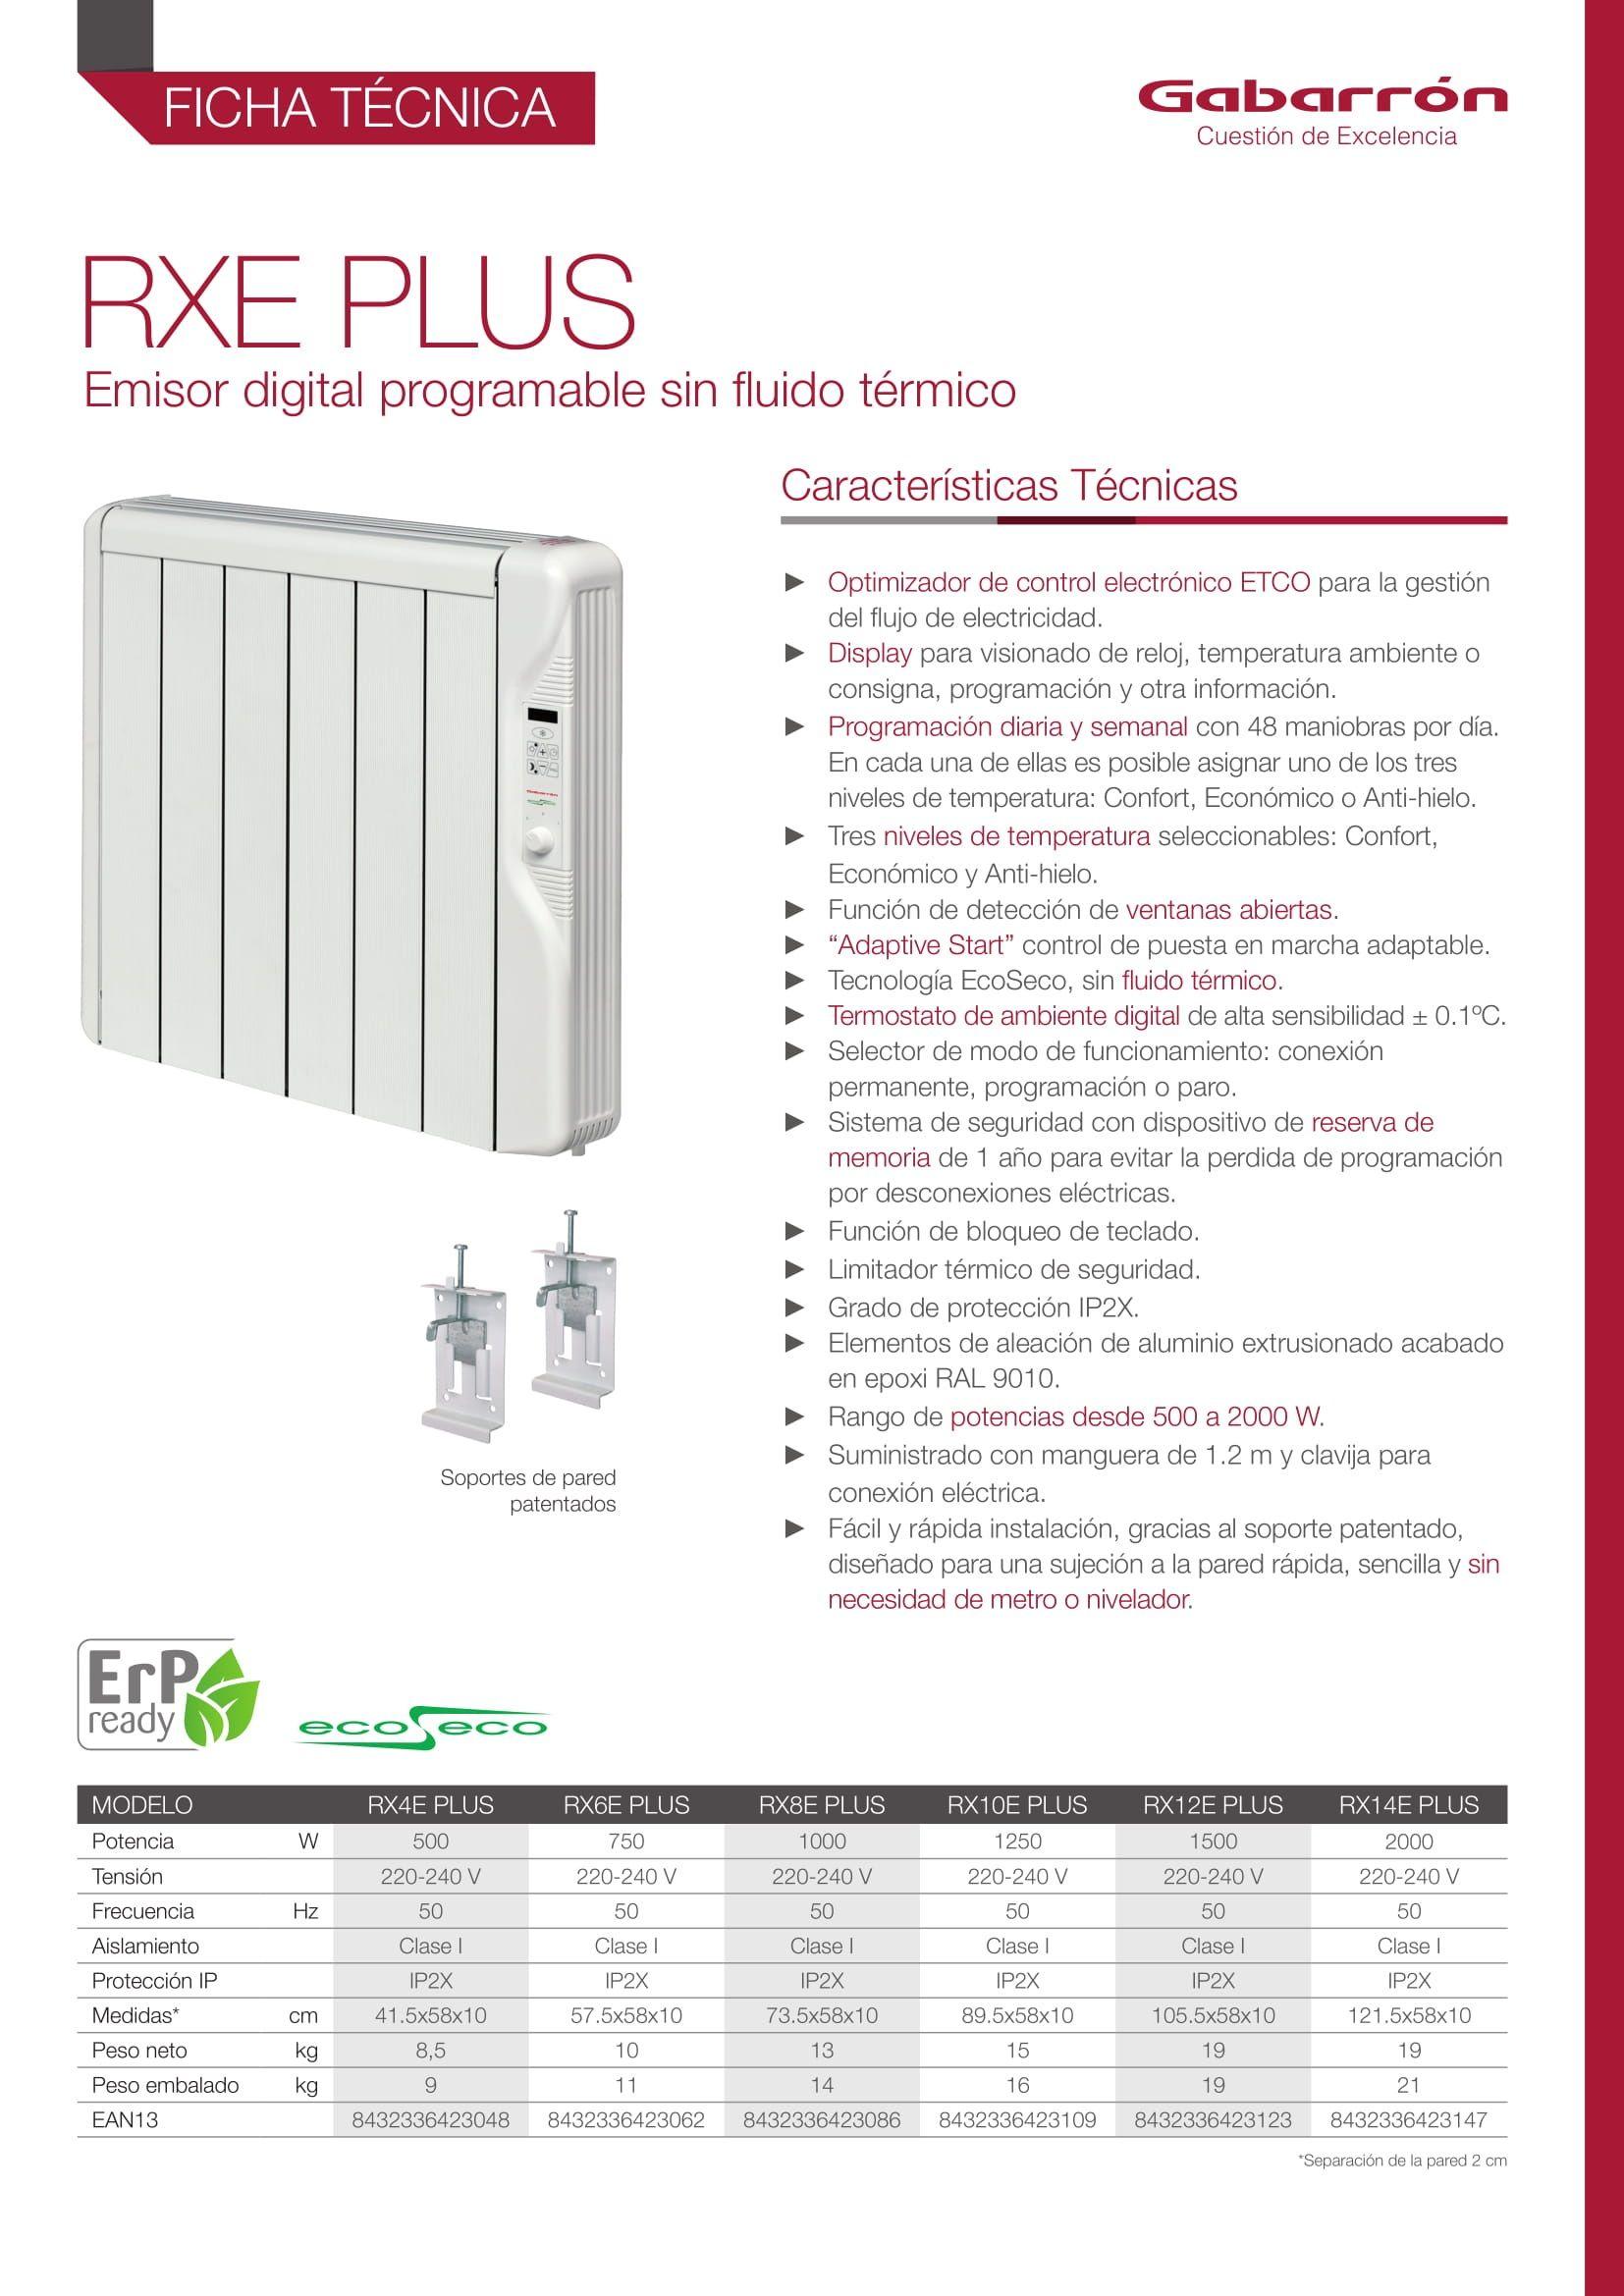 Ficha técnica del emisor térmico Gabarron RXE PLUS